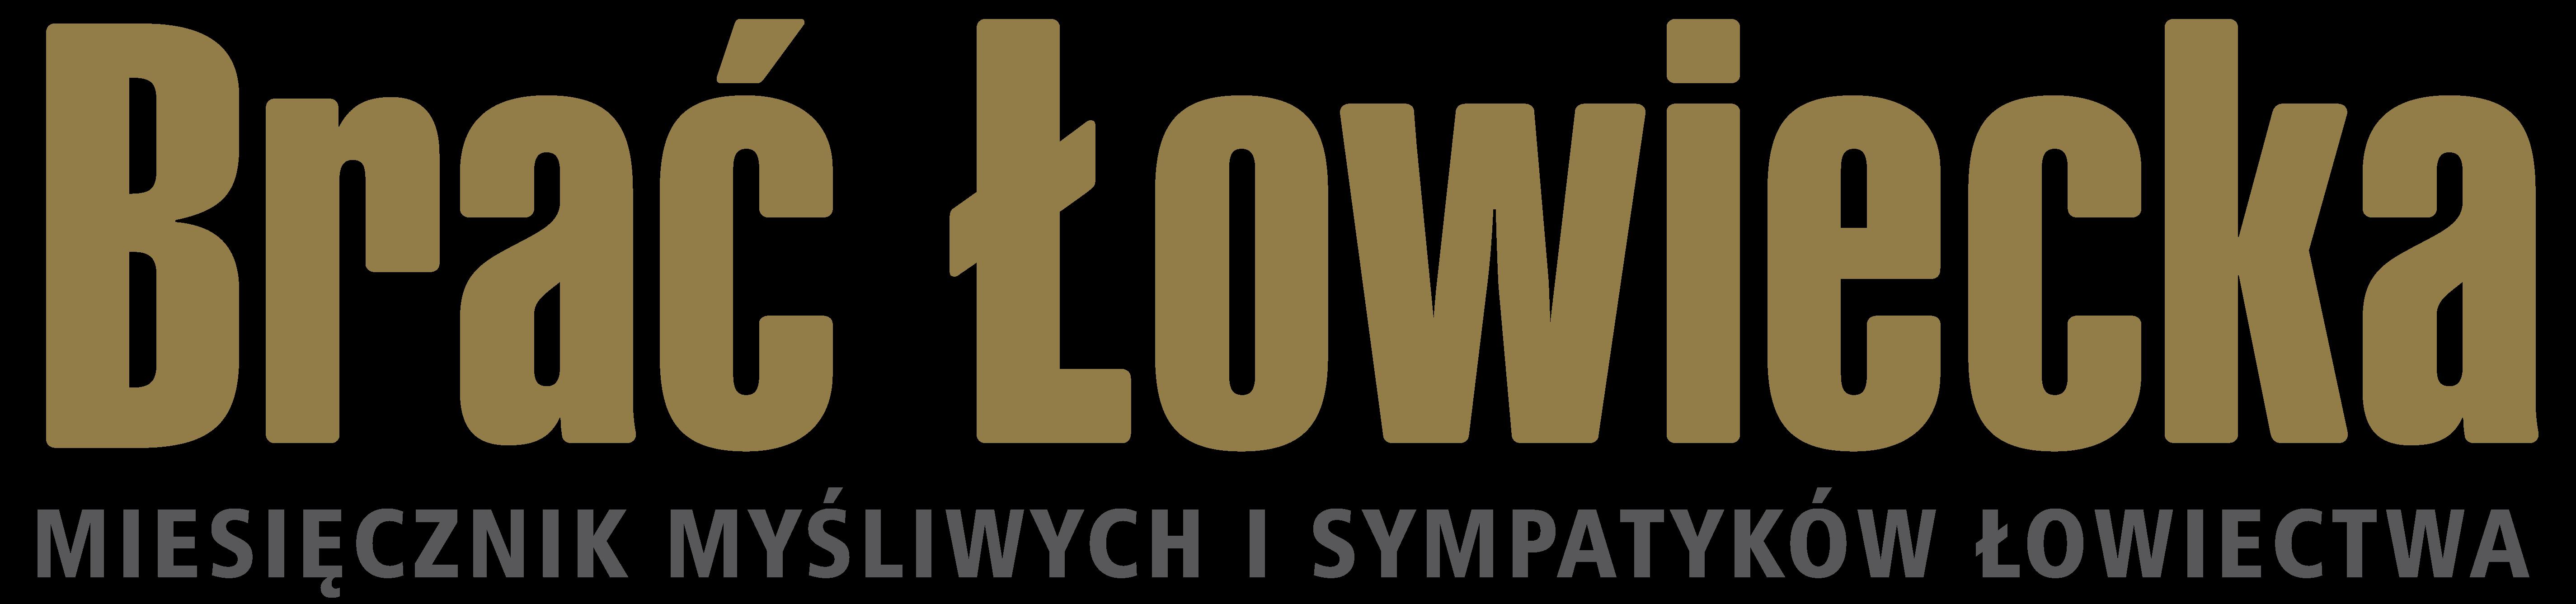 Prenumerata Braci Łowieckiej